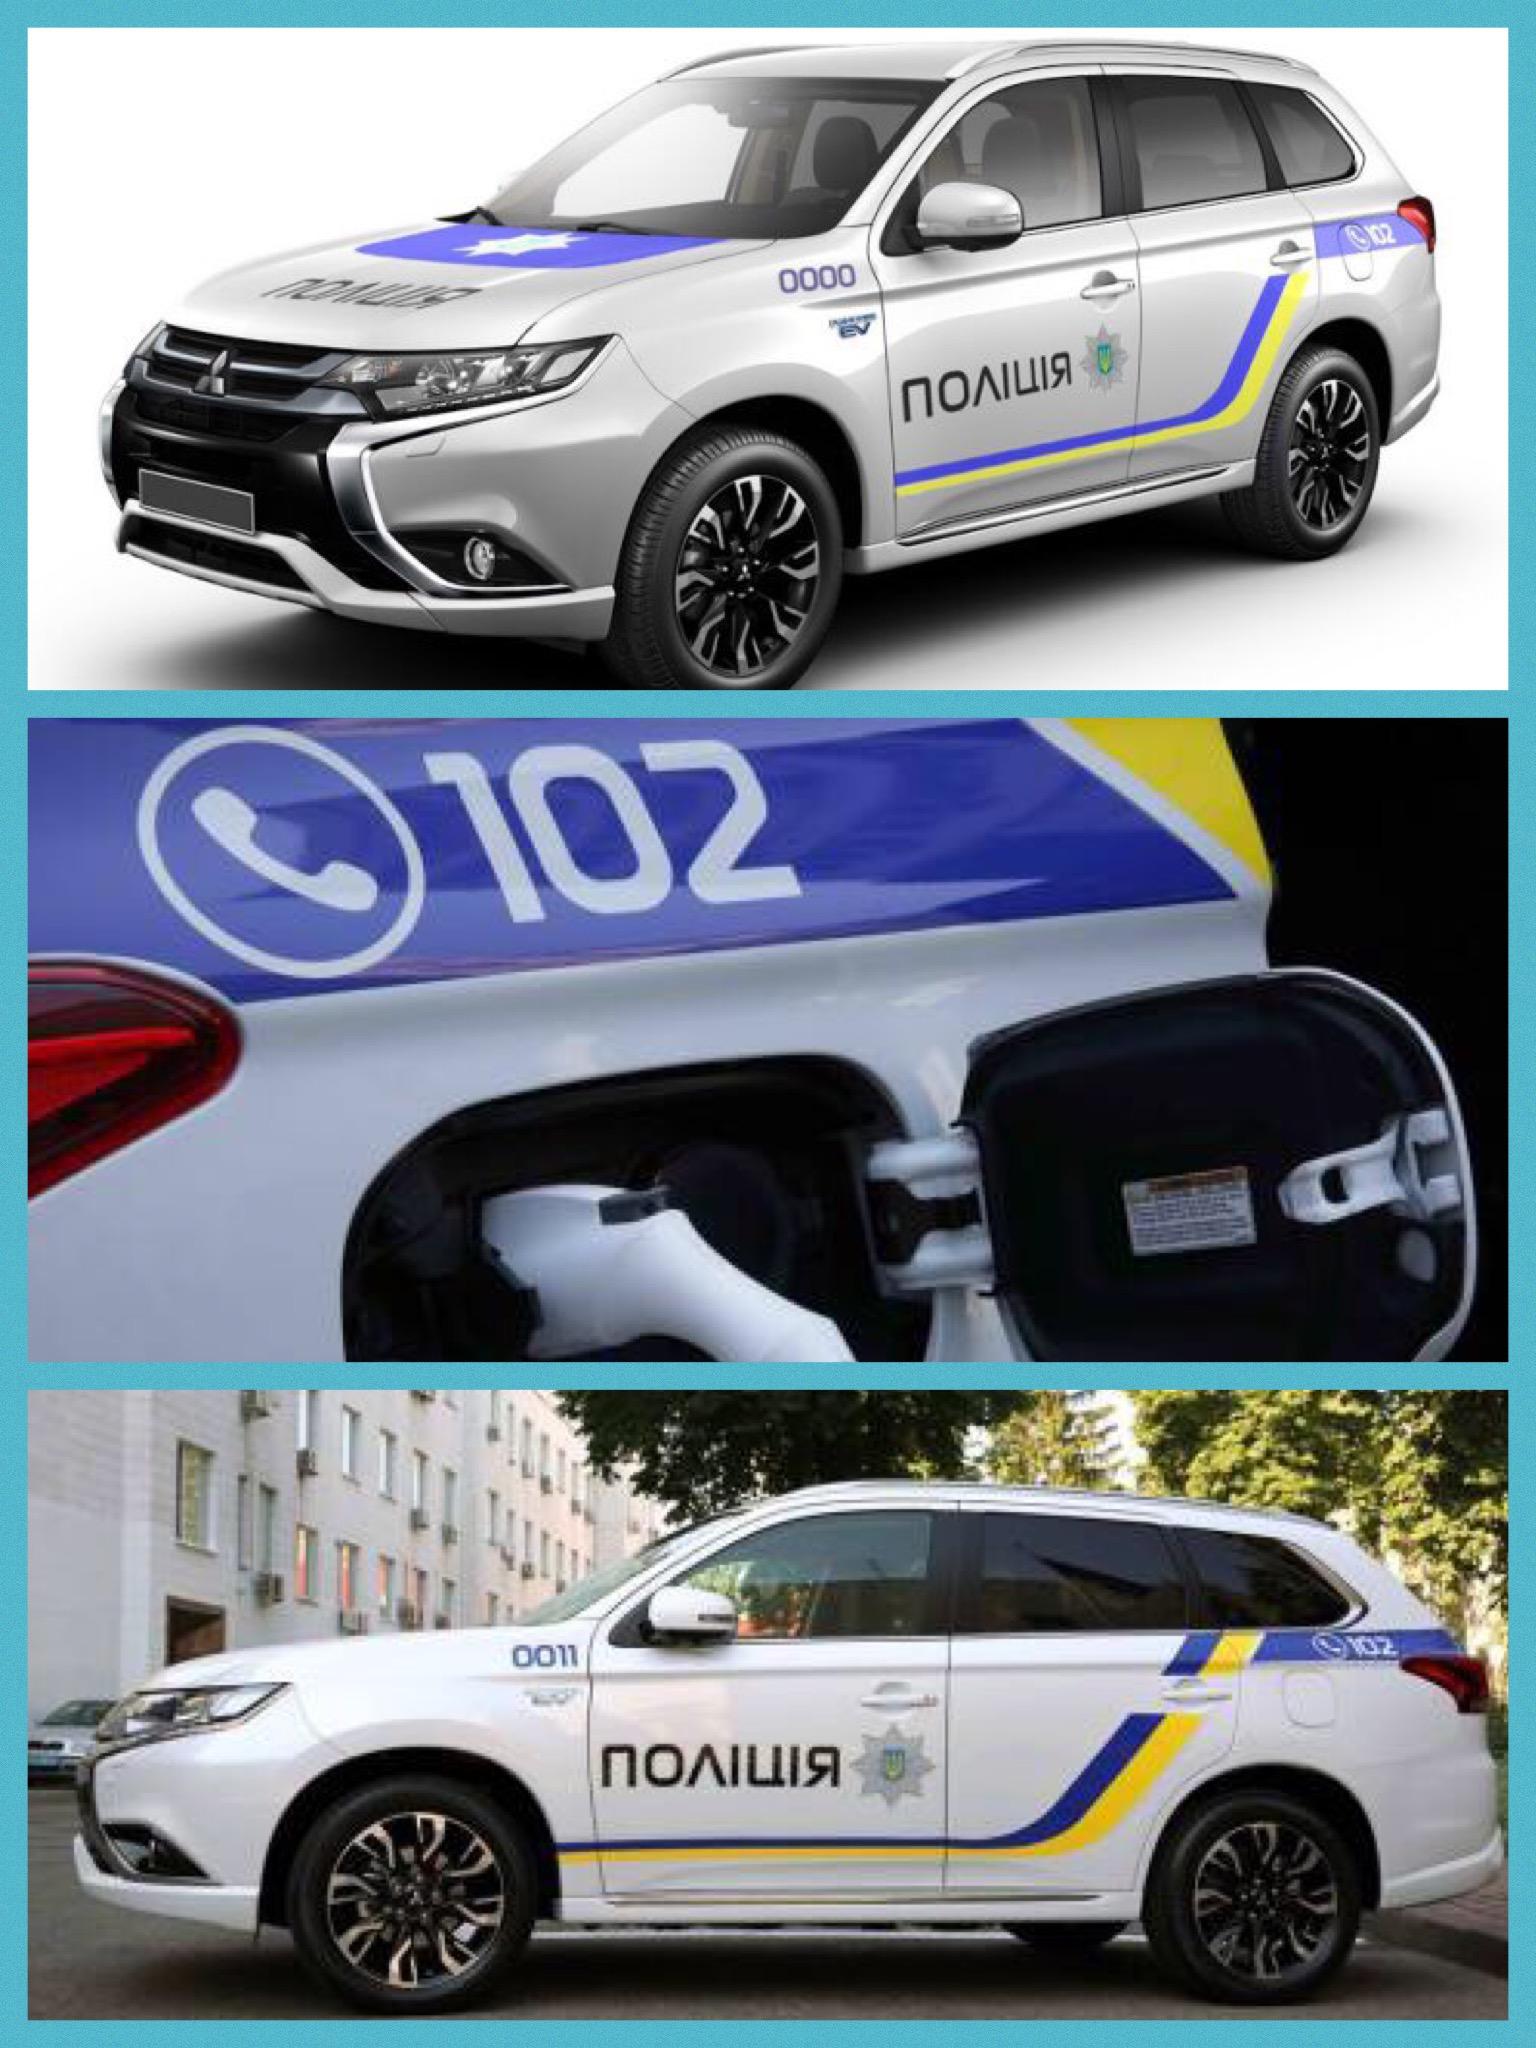 アウトランダーPHEV ウクライナ警察車両用